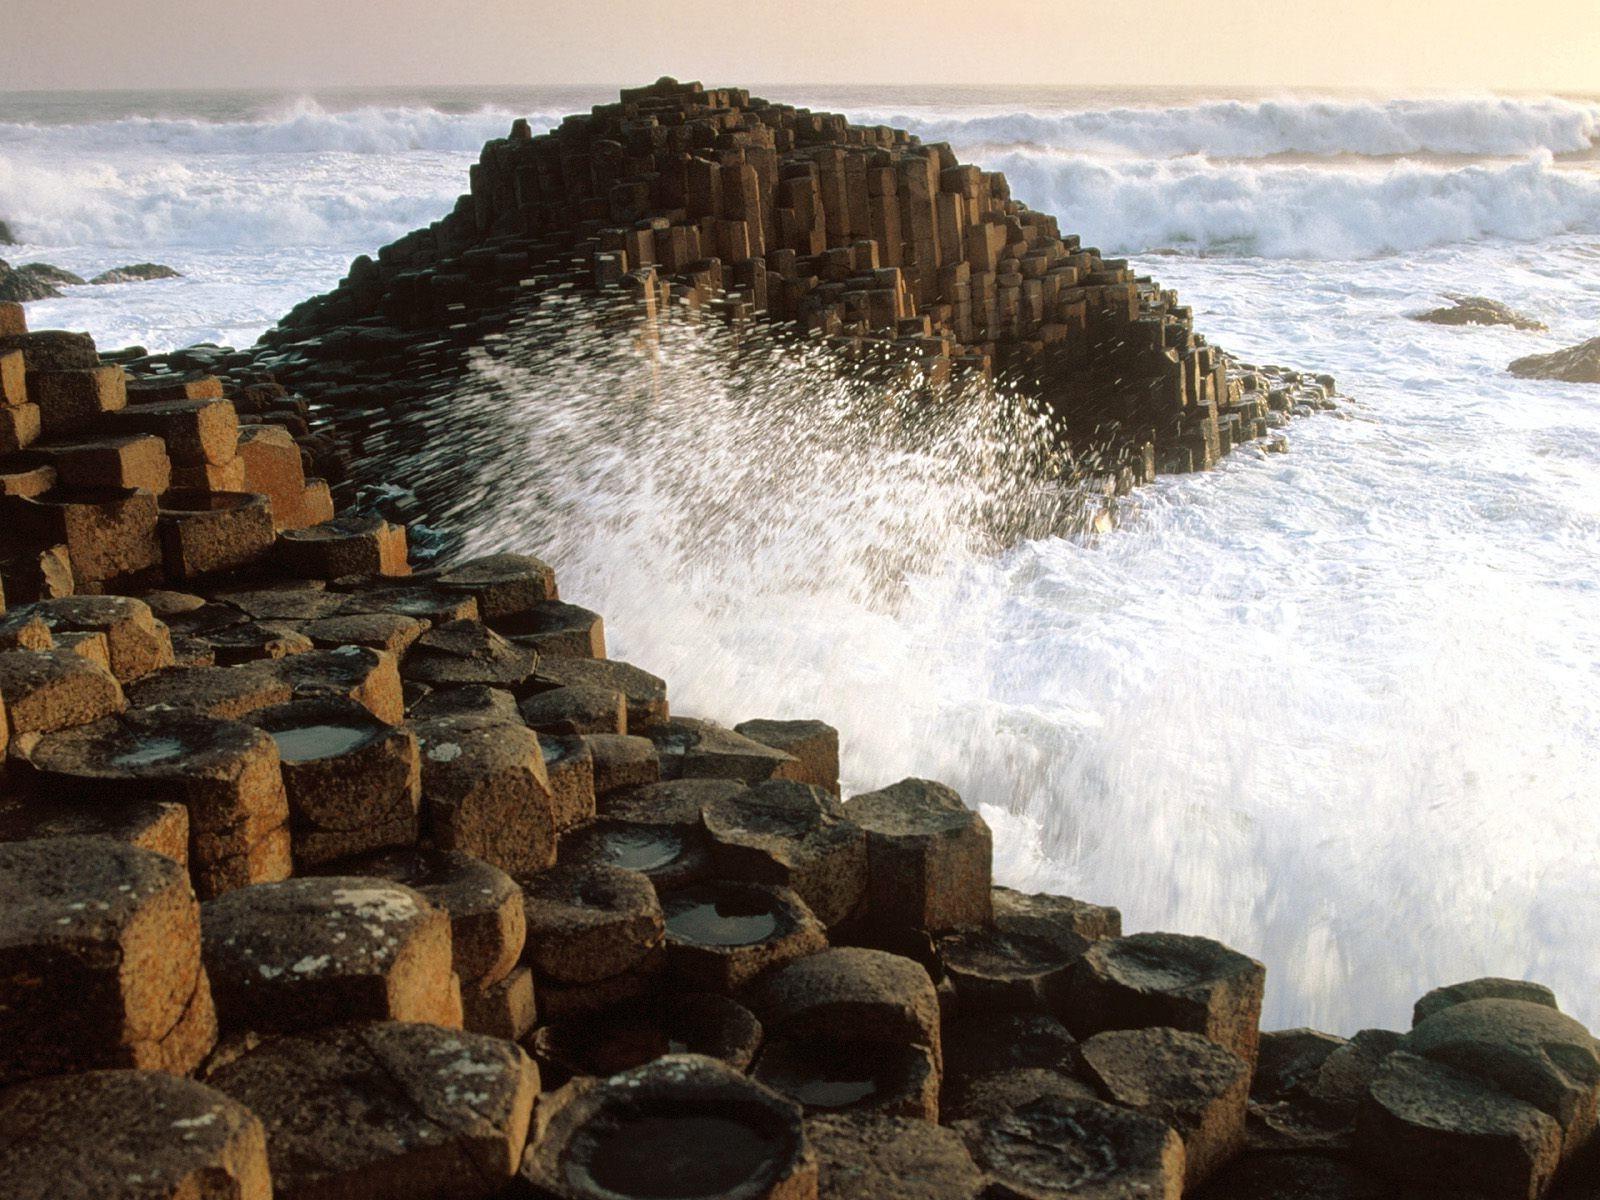 nature Landscape Giants Causeway Sea Waves Rock Rock 1600x1200